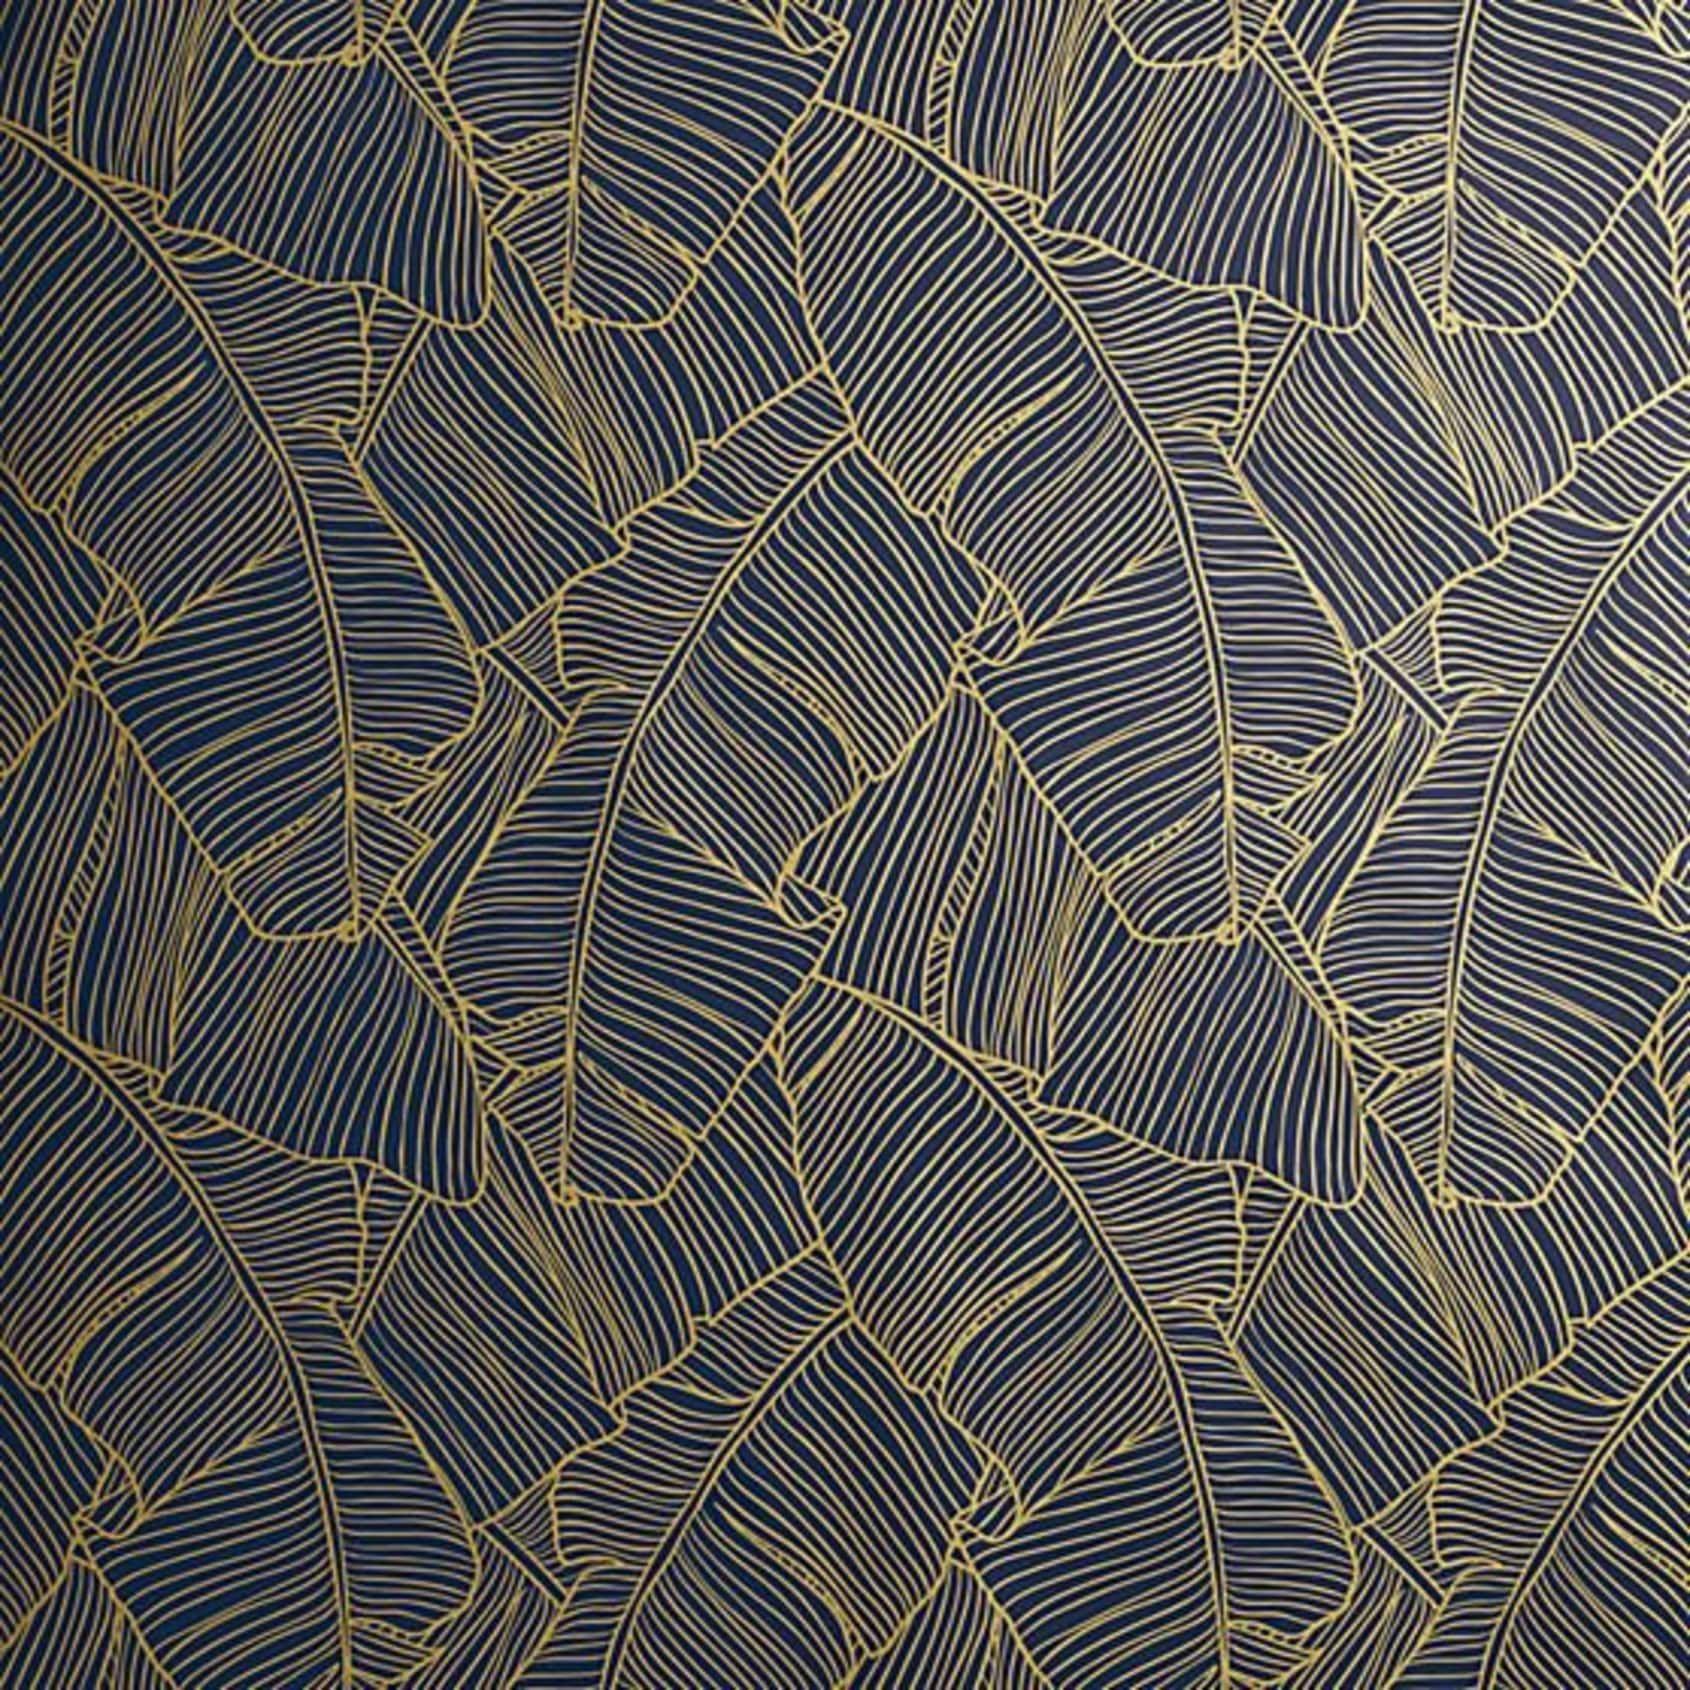 Best The Best Of Modern Wallpaper Design Dark Dramatic In 640 x 480